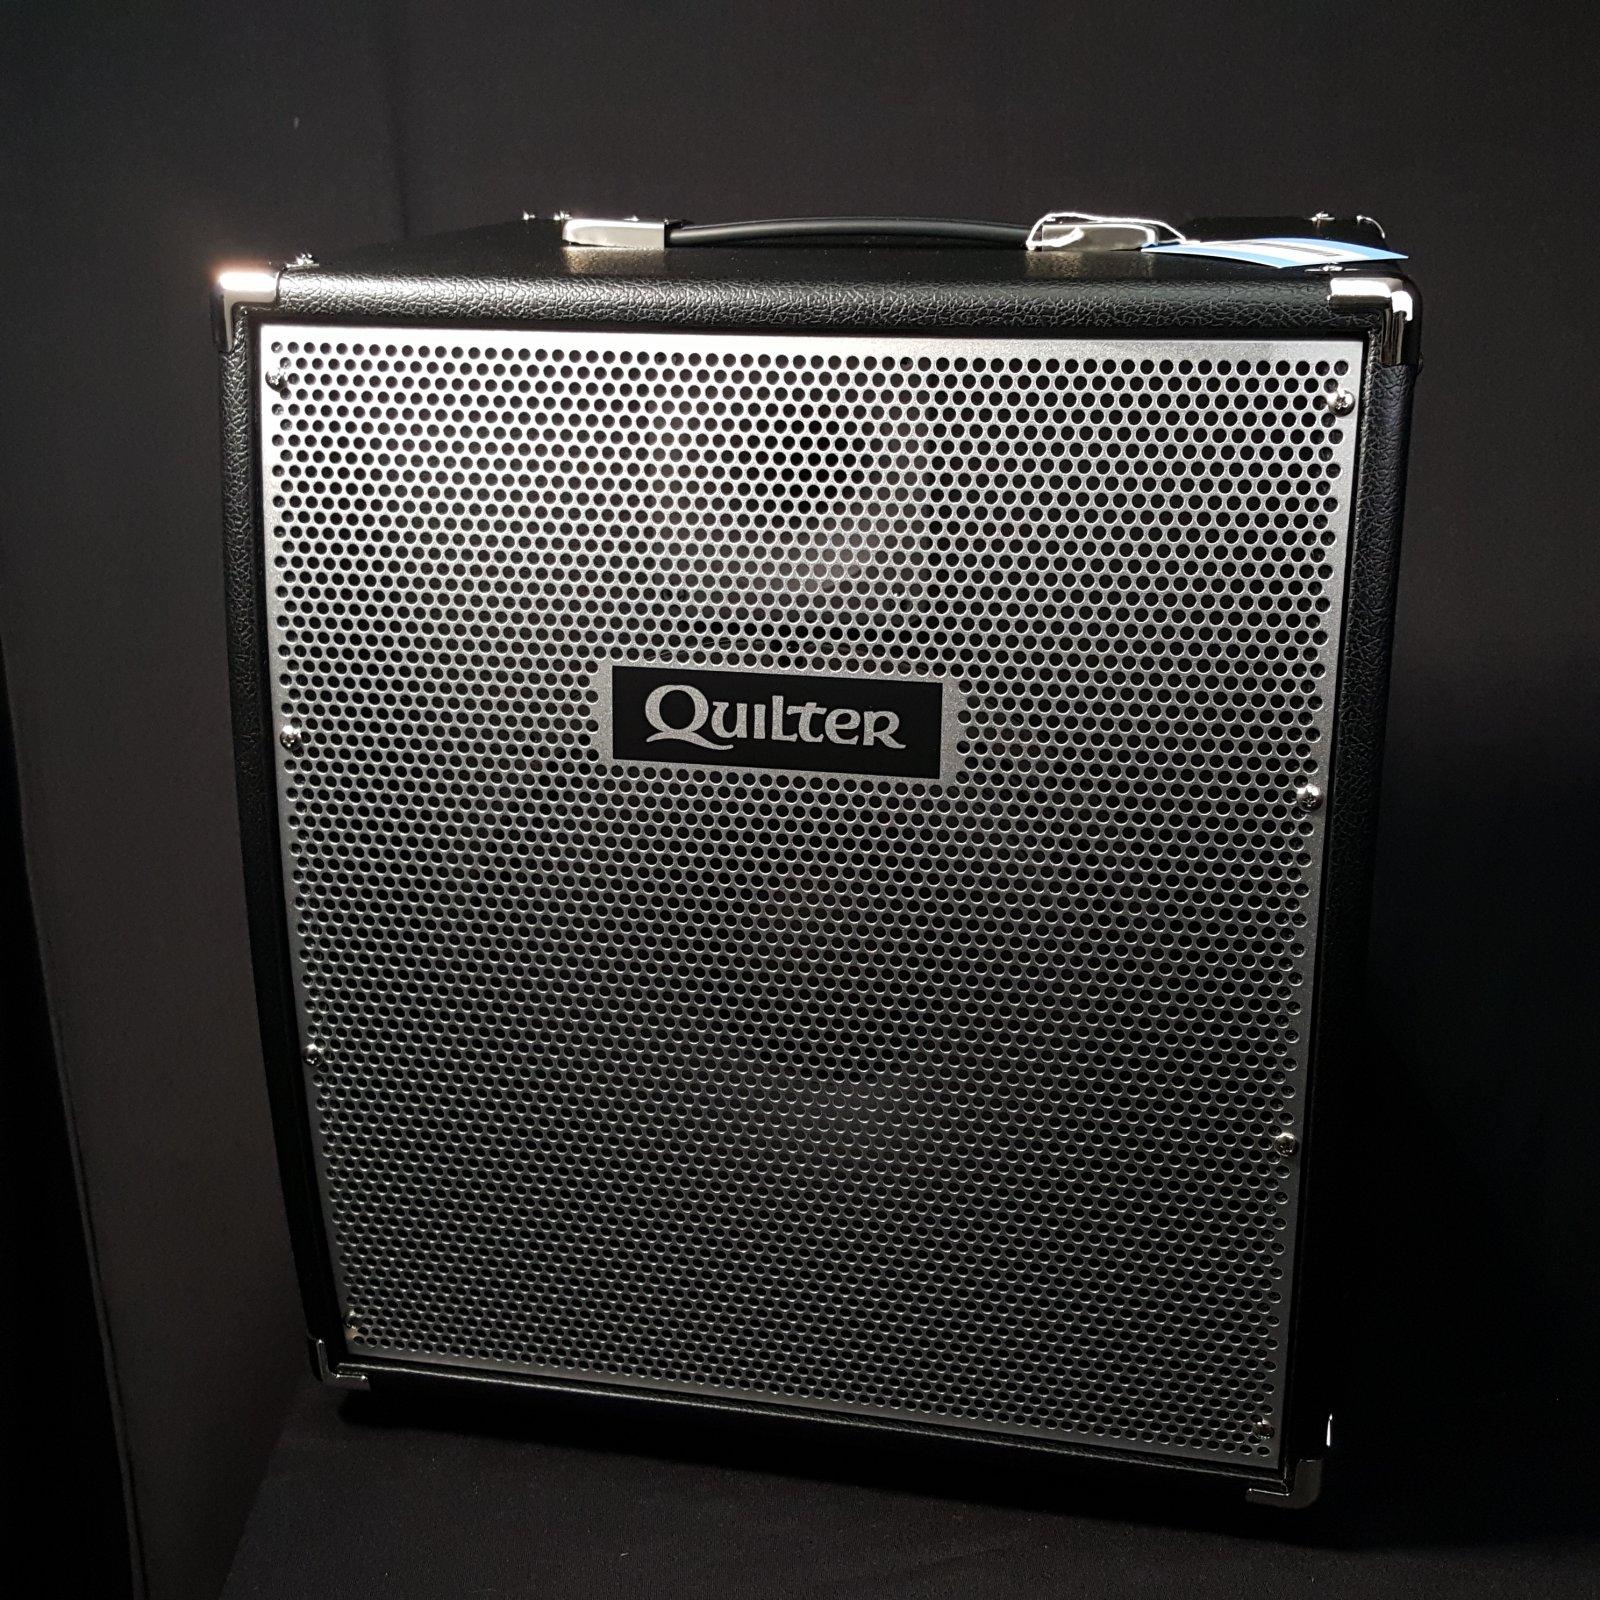 Quilter Bass Dock 12 Bass Speaker Cabinet